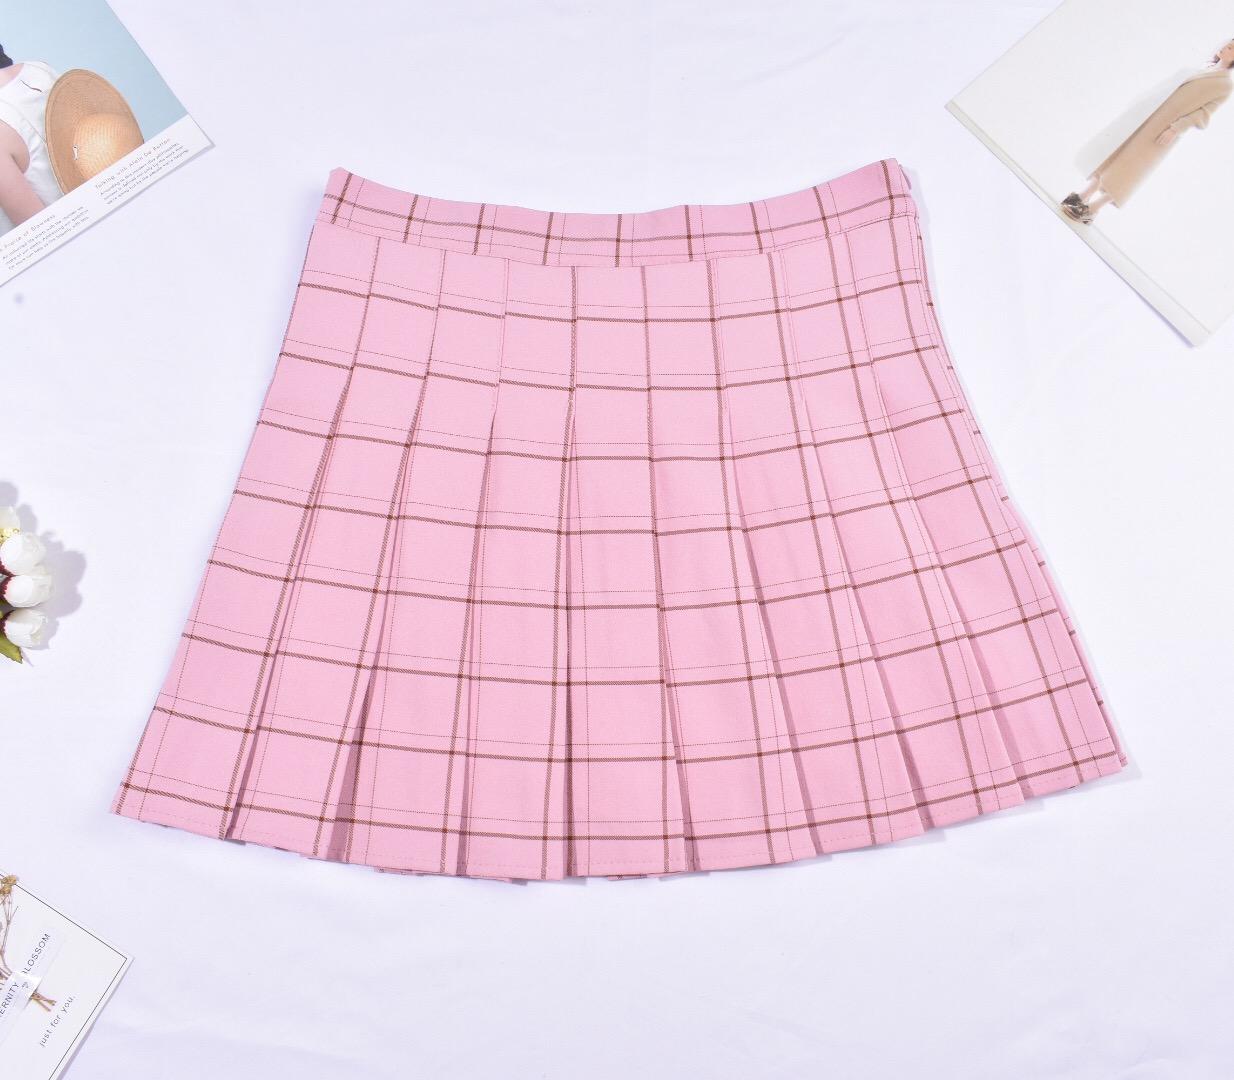 Falda tenis rosada cuadrille